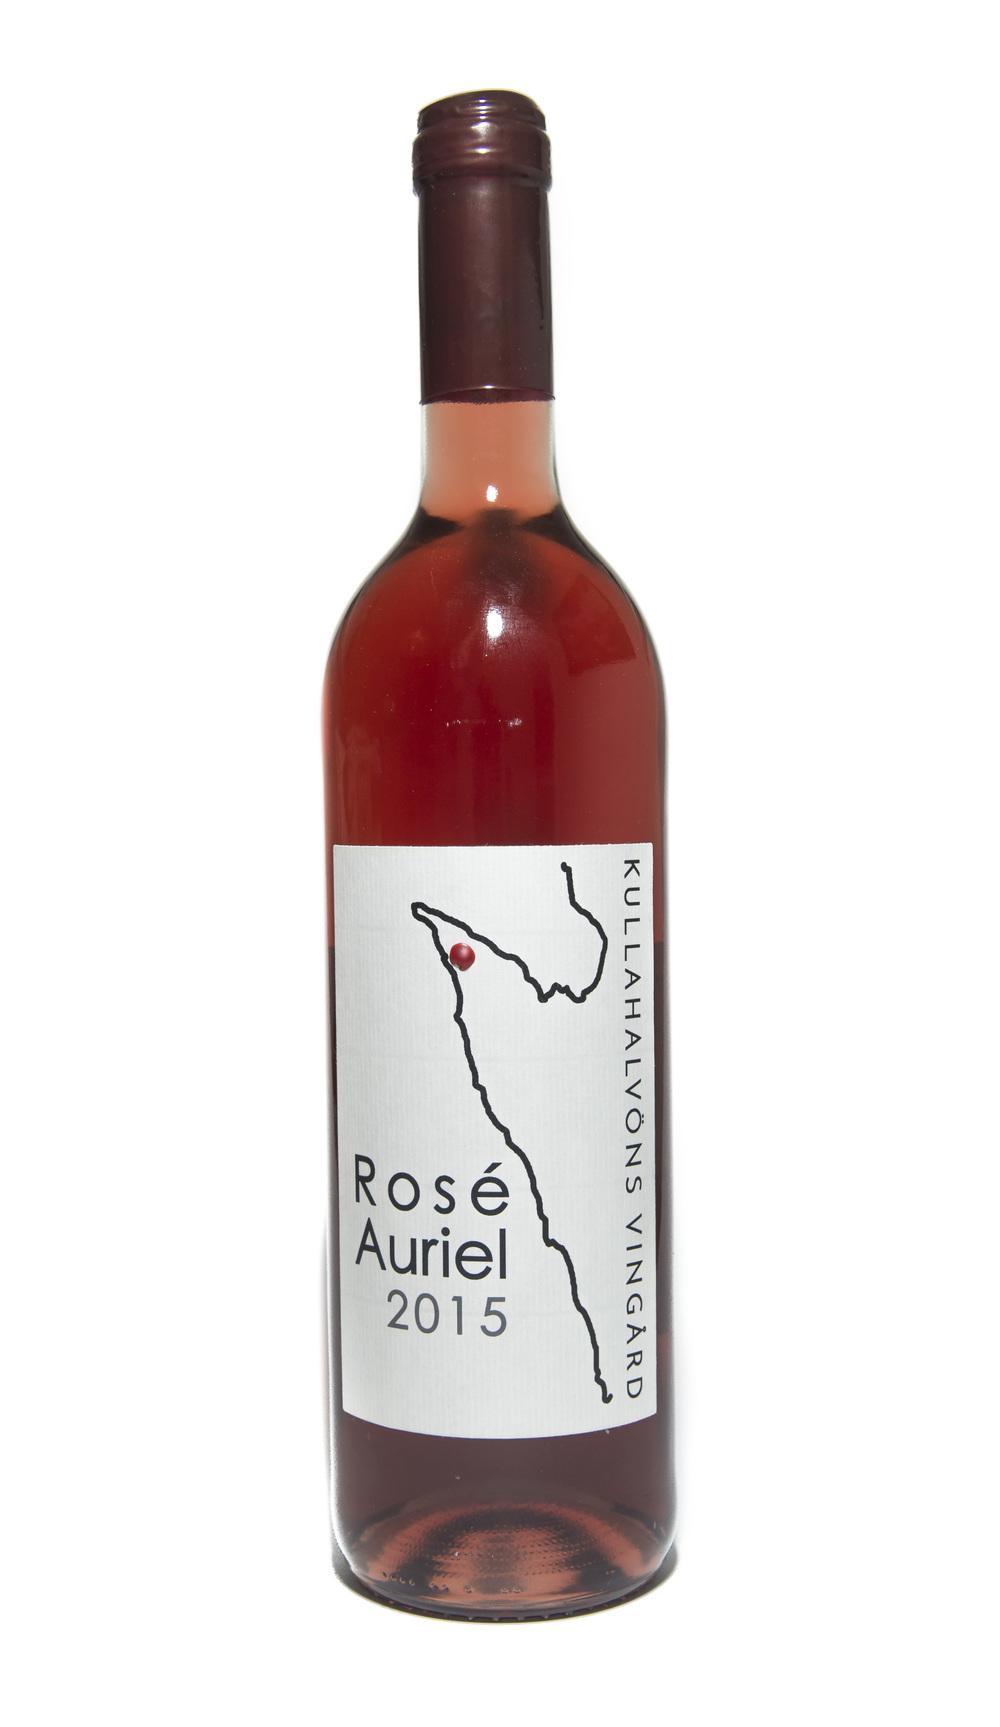 Rosé Auriel 2015